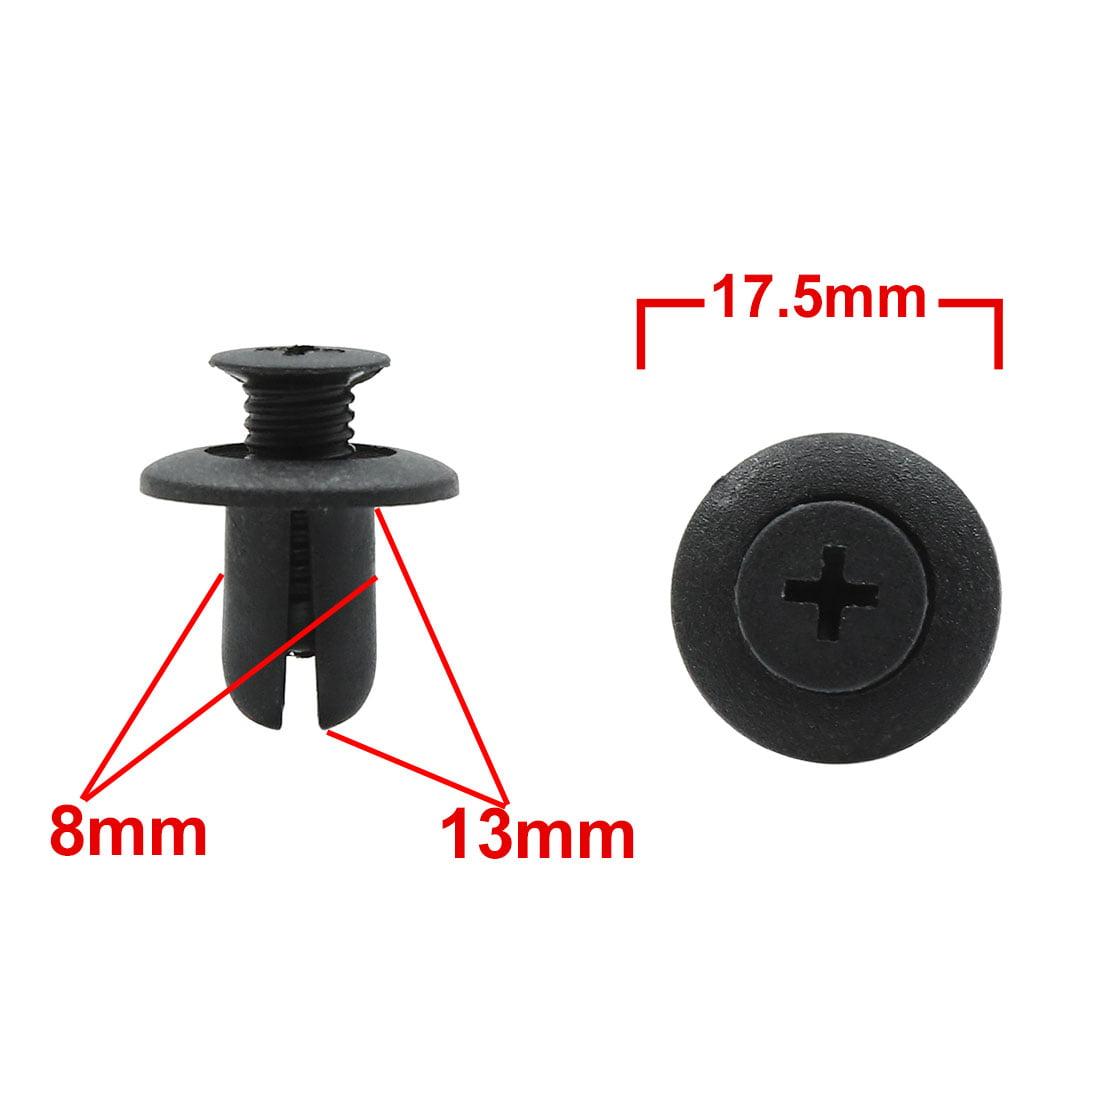 20pcs 8mm Hole Plastic Rivets Door Trim Bumper Clips Fastener for Automotive - image 1 de 2